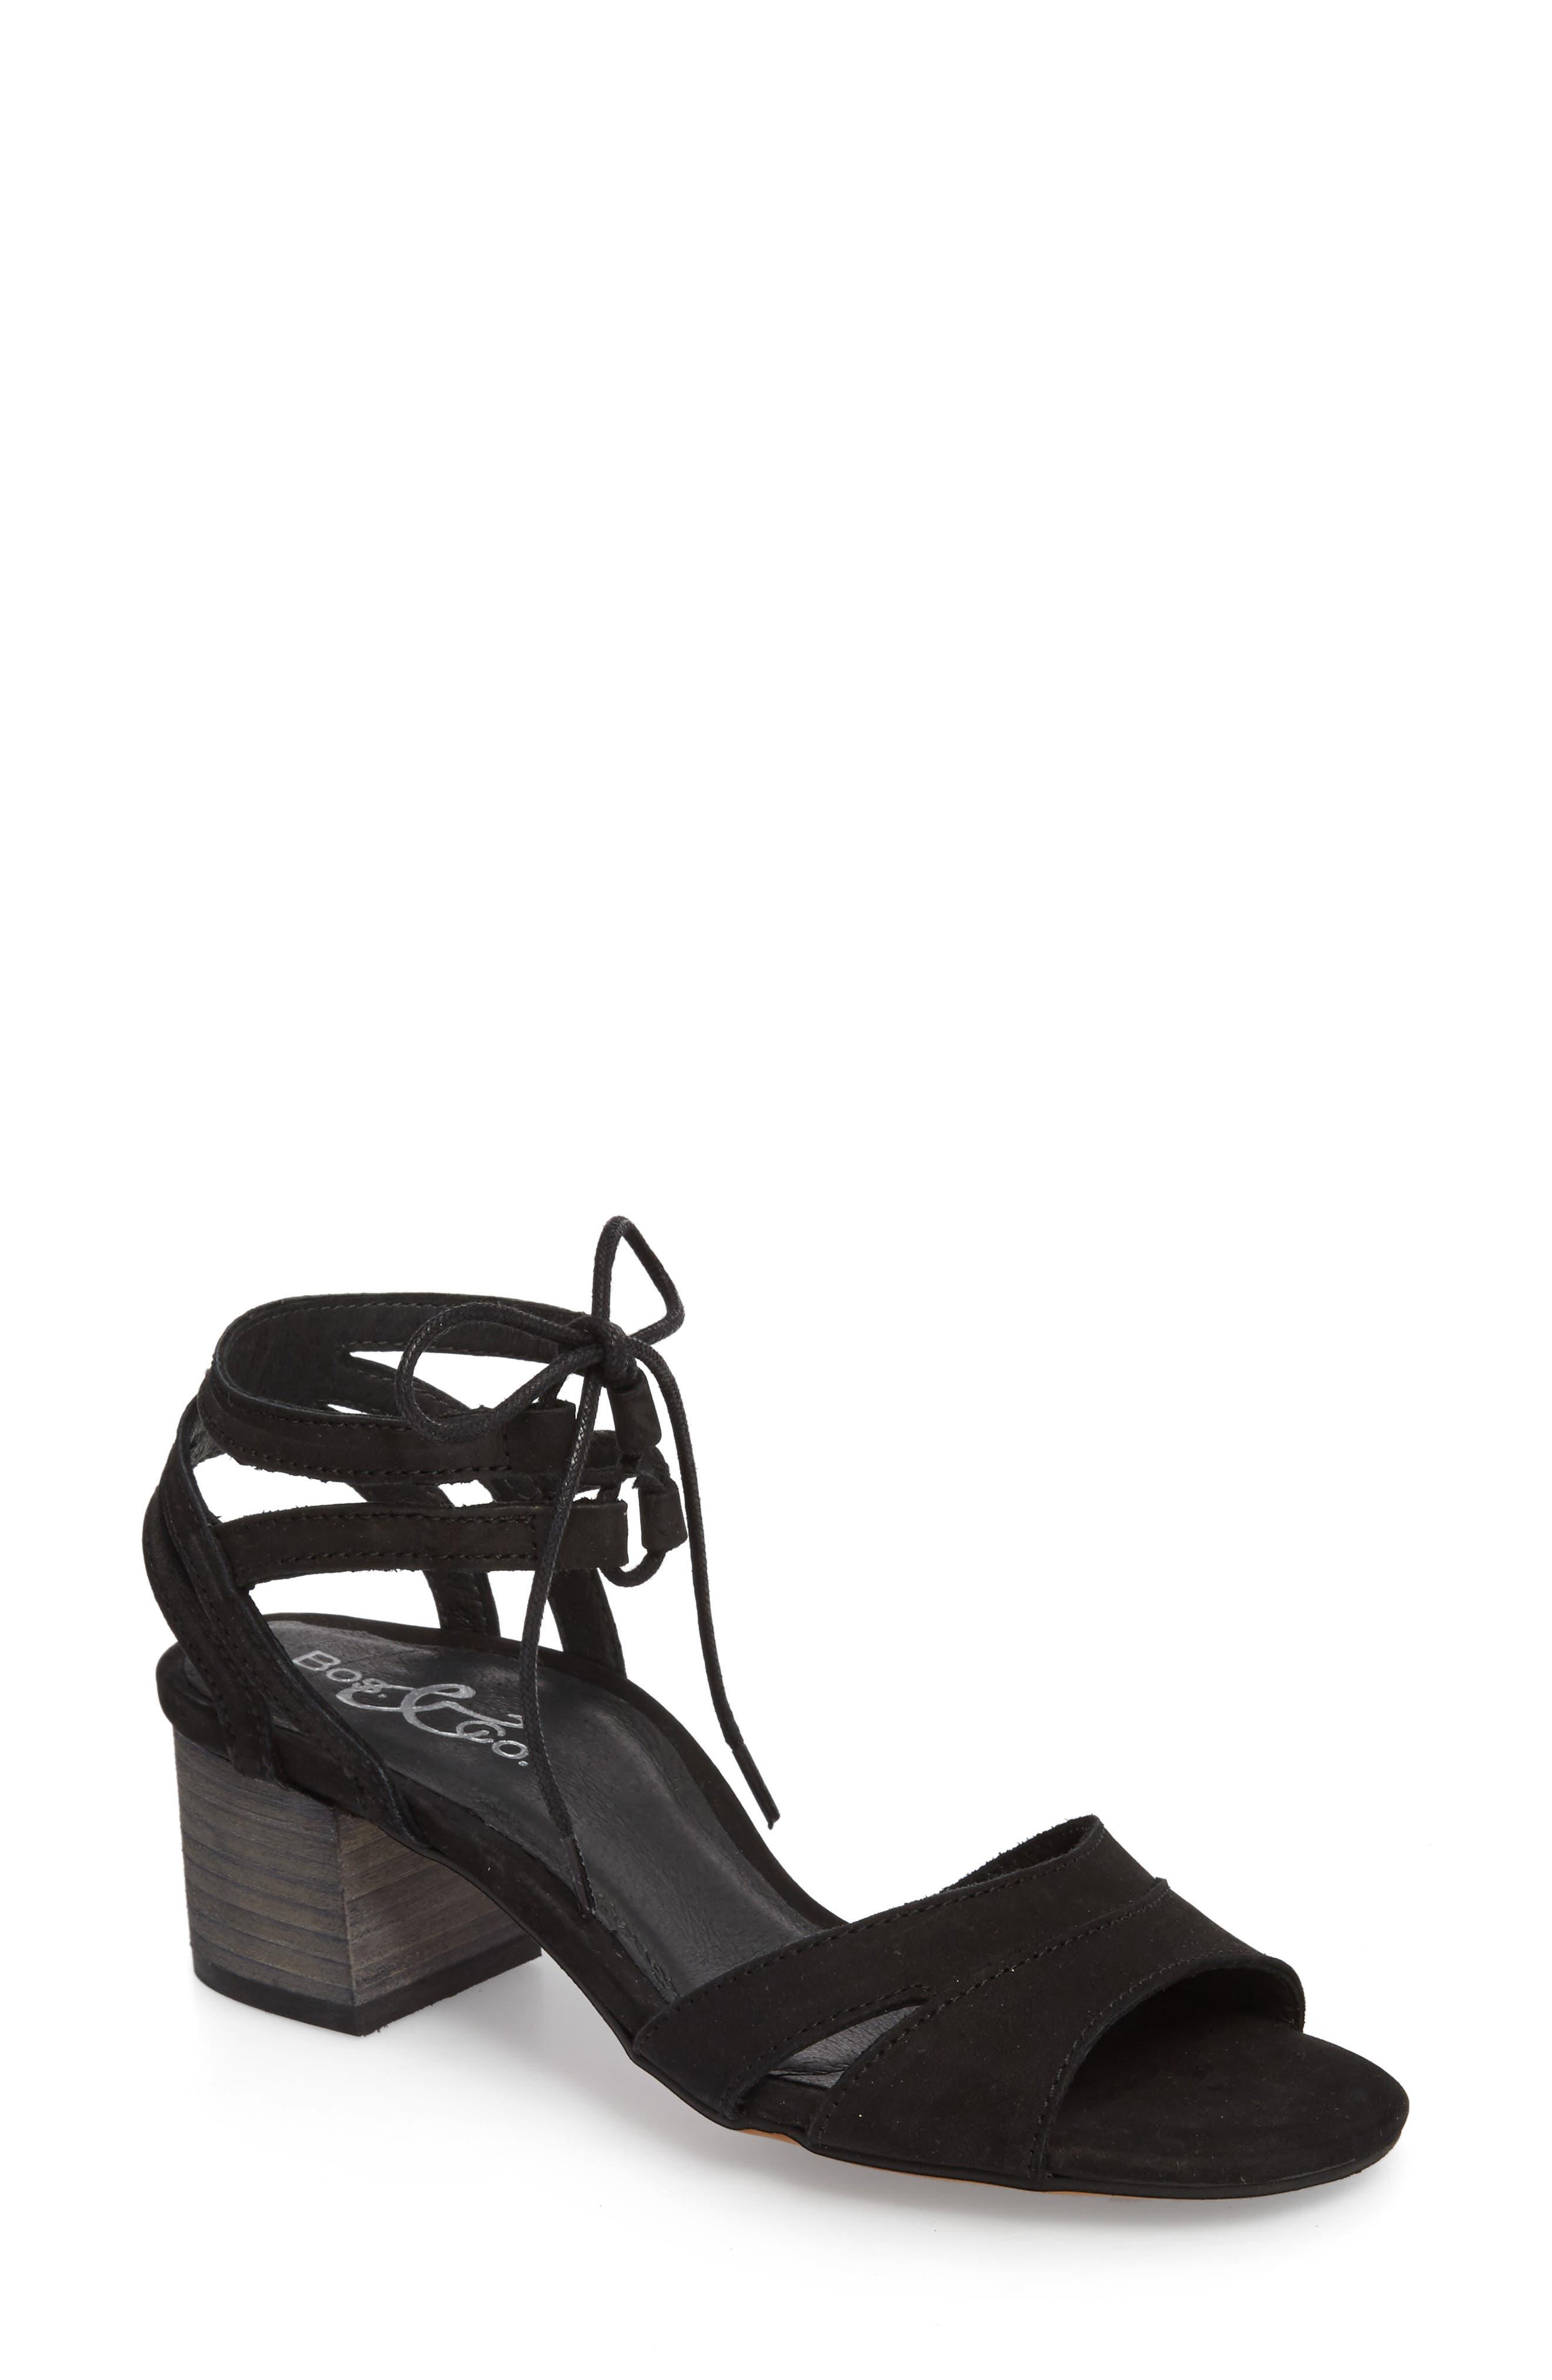 Zorita Sandal,                             Main thumbnail 1, color,                             Black Nubuck Leather